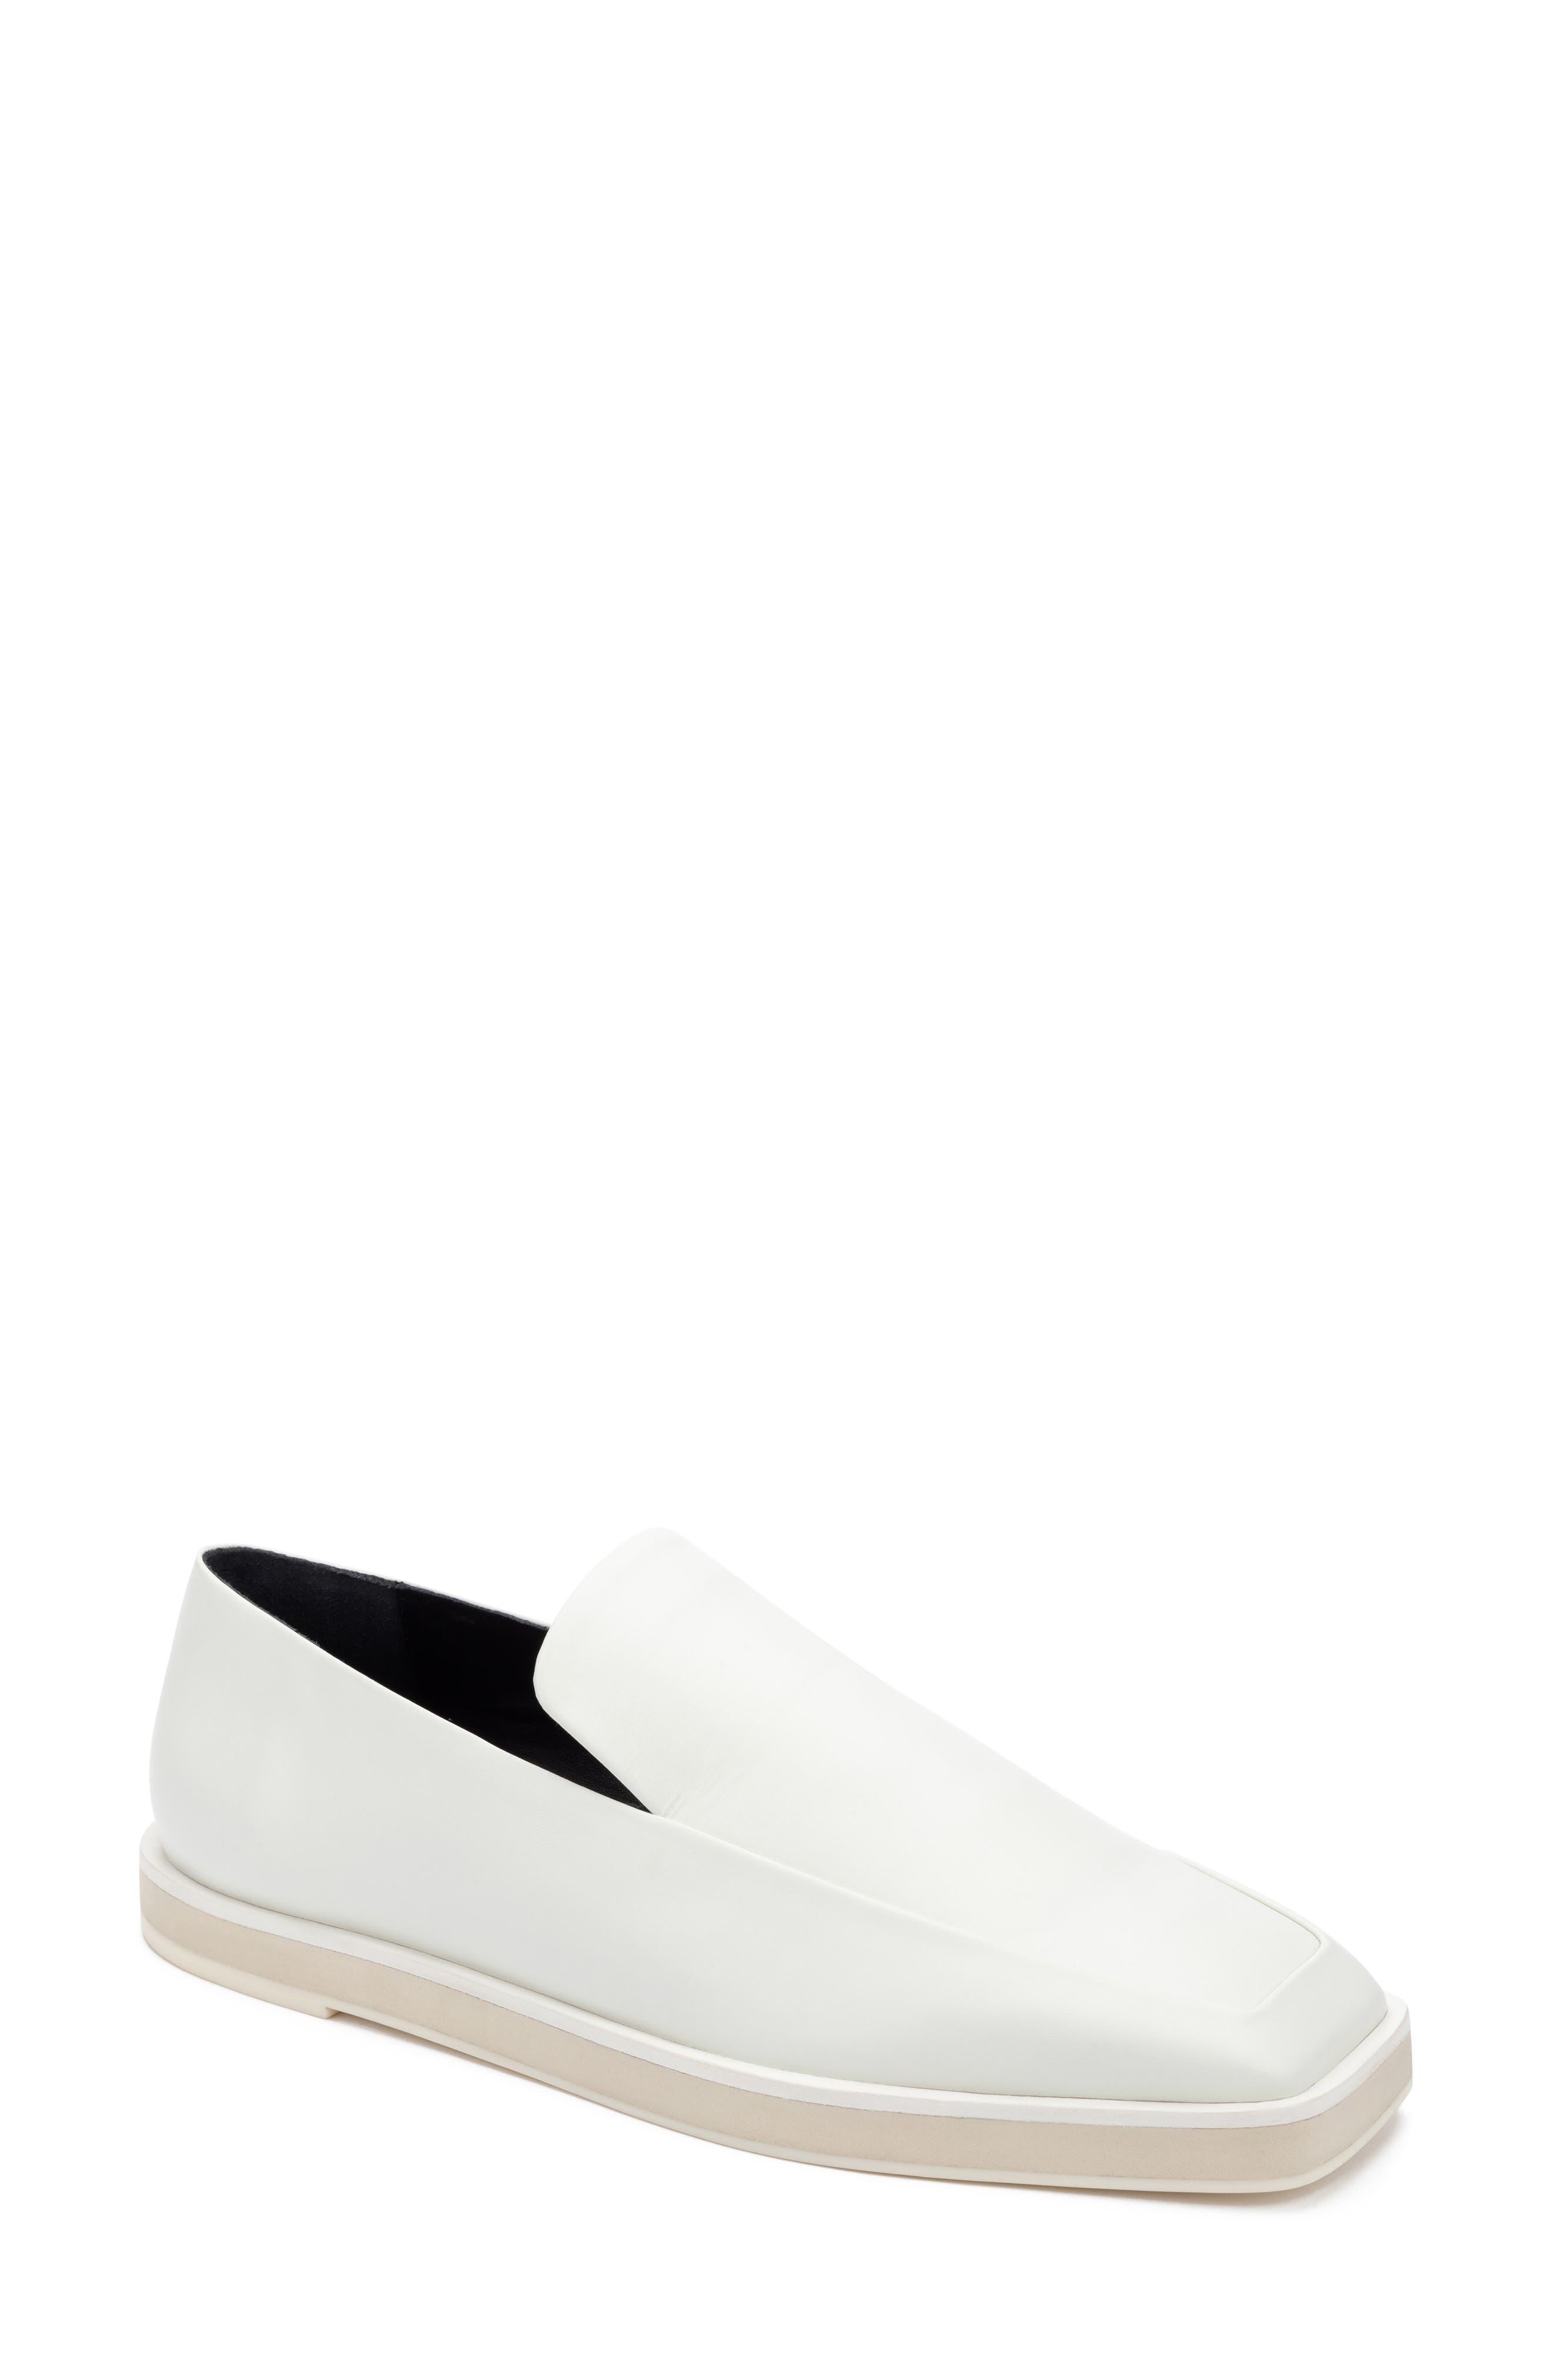 Guinevere Loafer